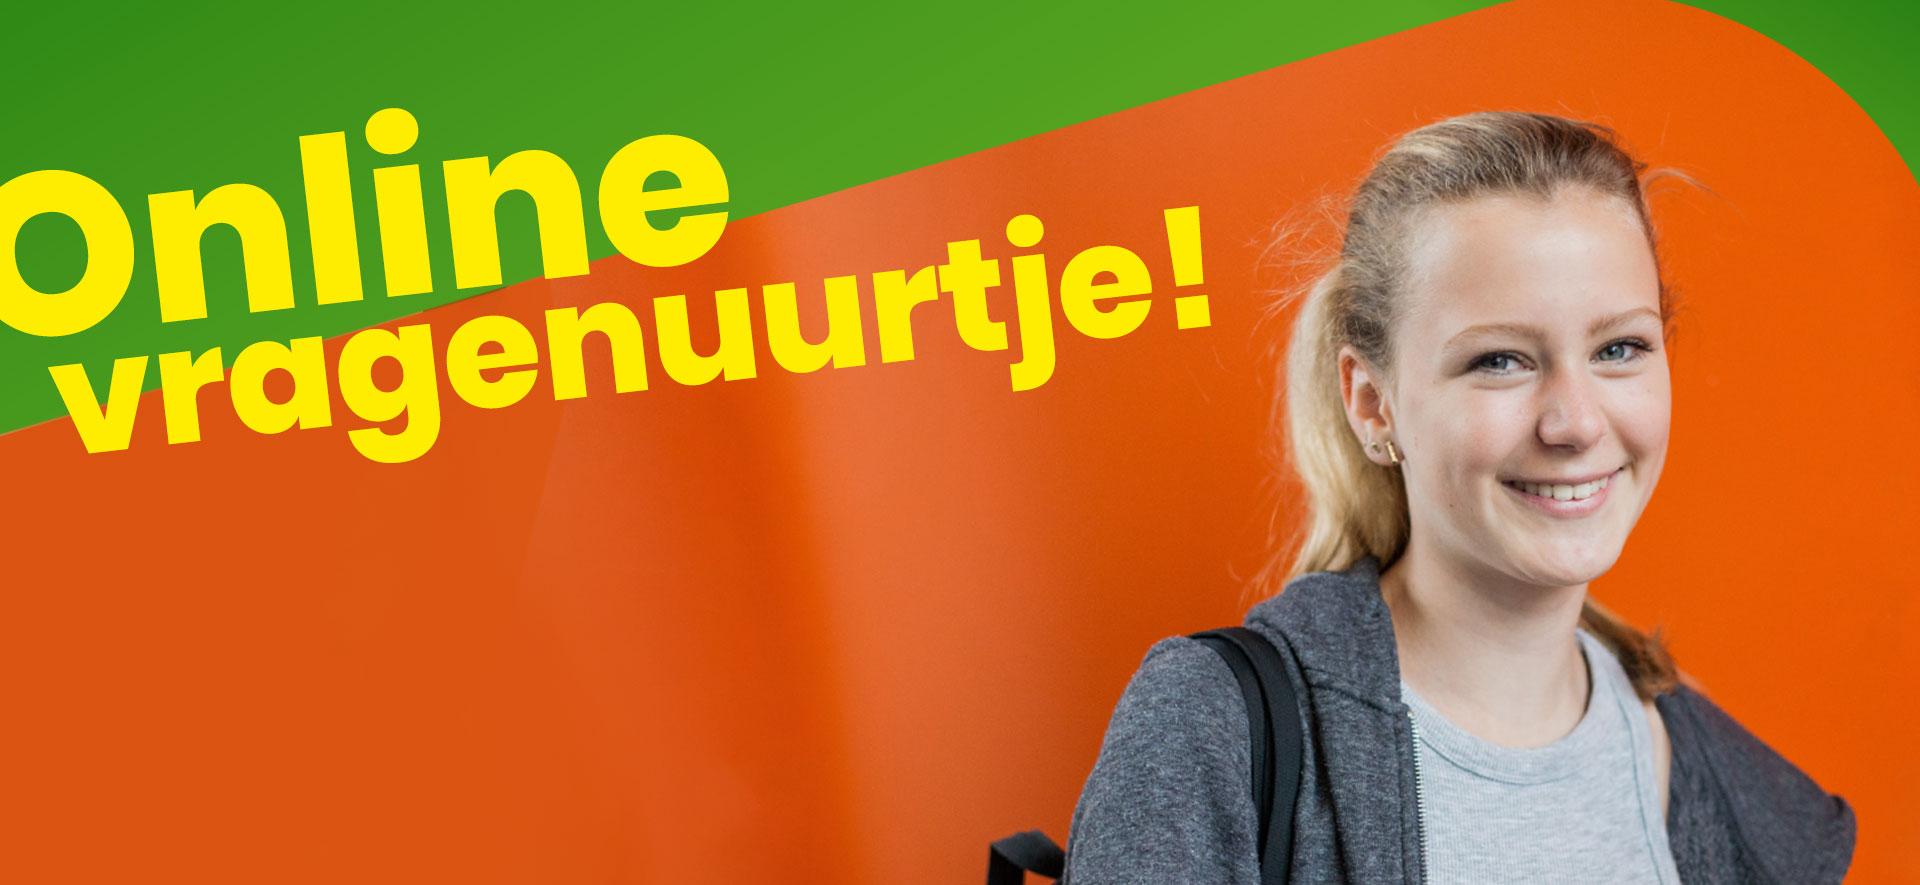 https://www.ubboemmius.nl/wp-content/uploads/2020/10/20201006_ubbo_online_website_afbeelding_headers_onlinevragenuurtje.jpg